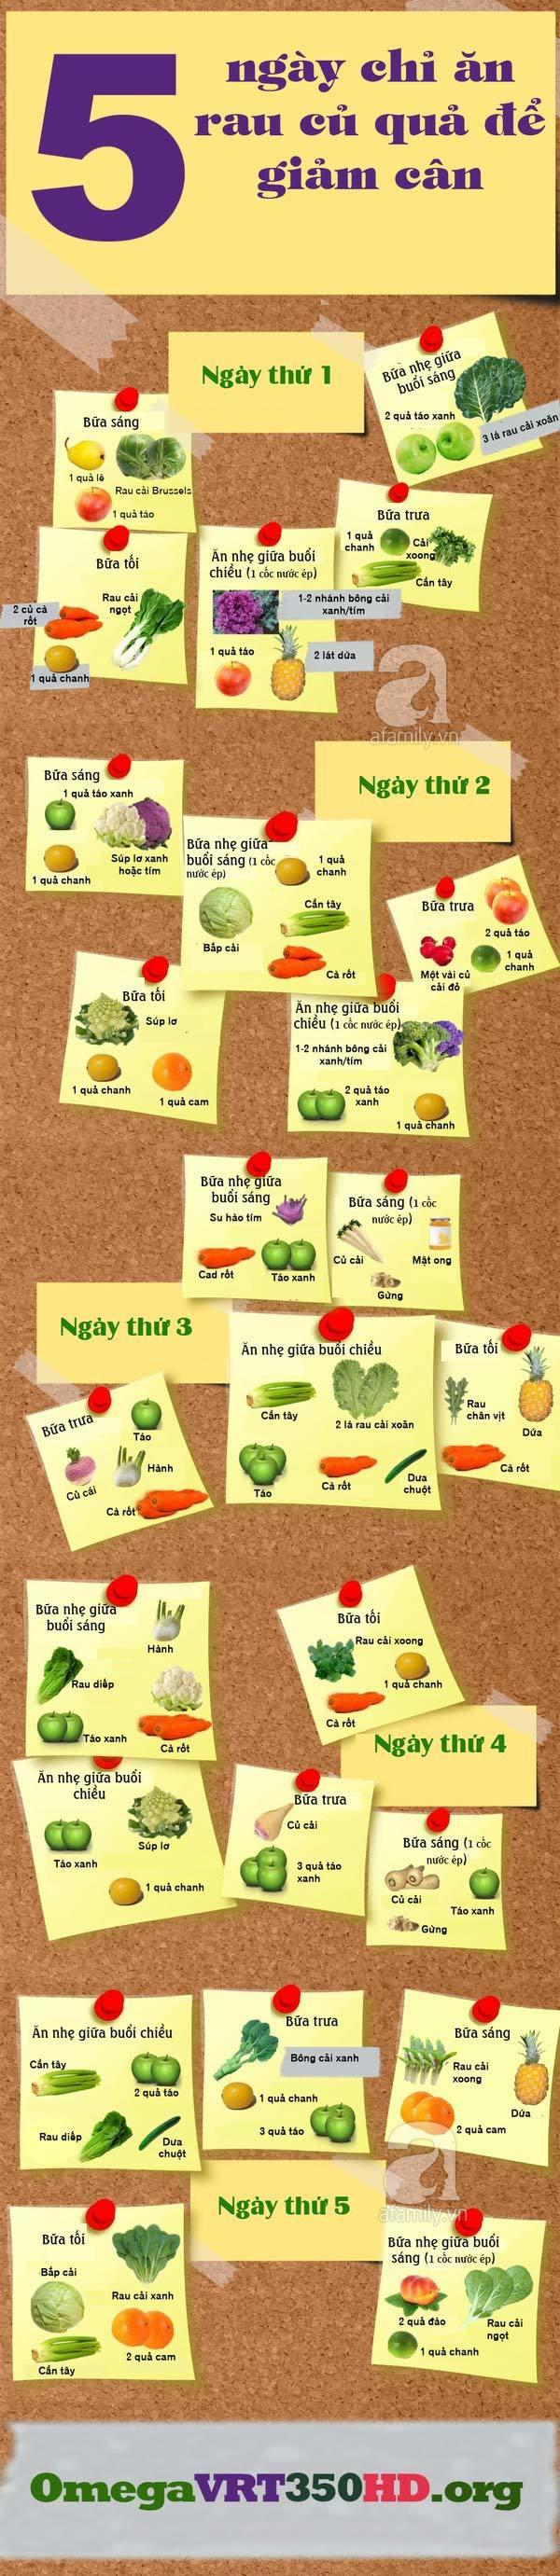 Kế hoạch ăn uống giảm cân trong 5 ngày chỉ với trái cây và rau quả